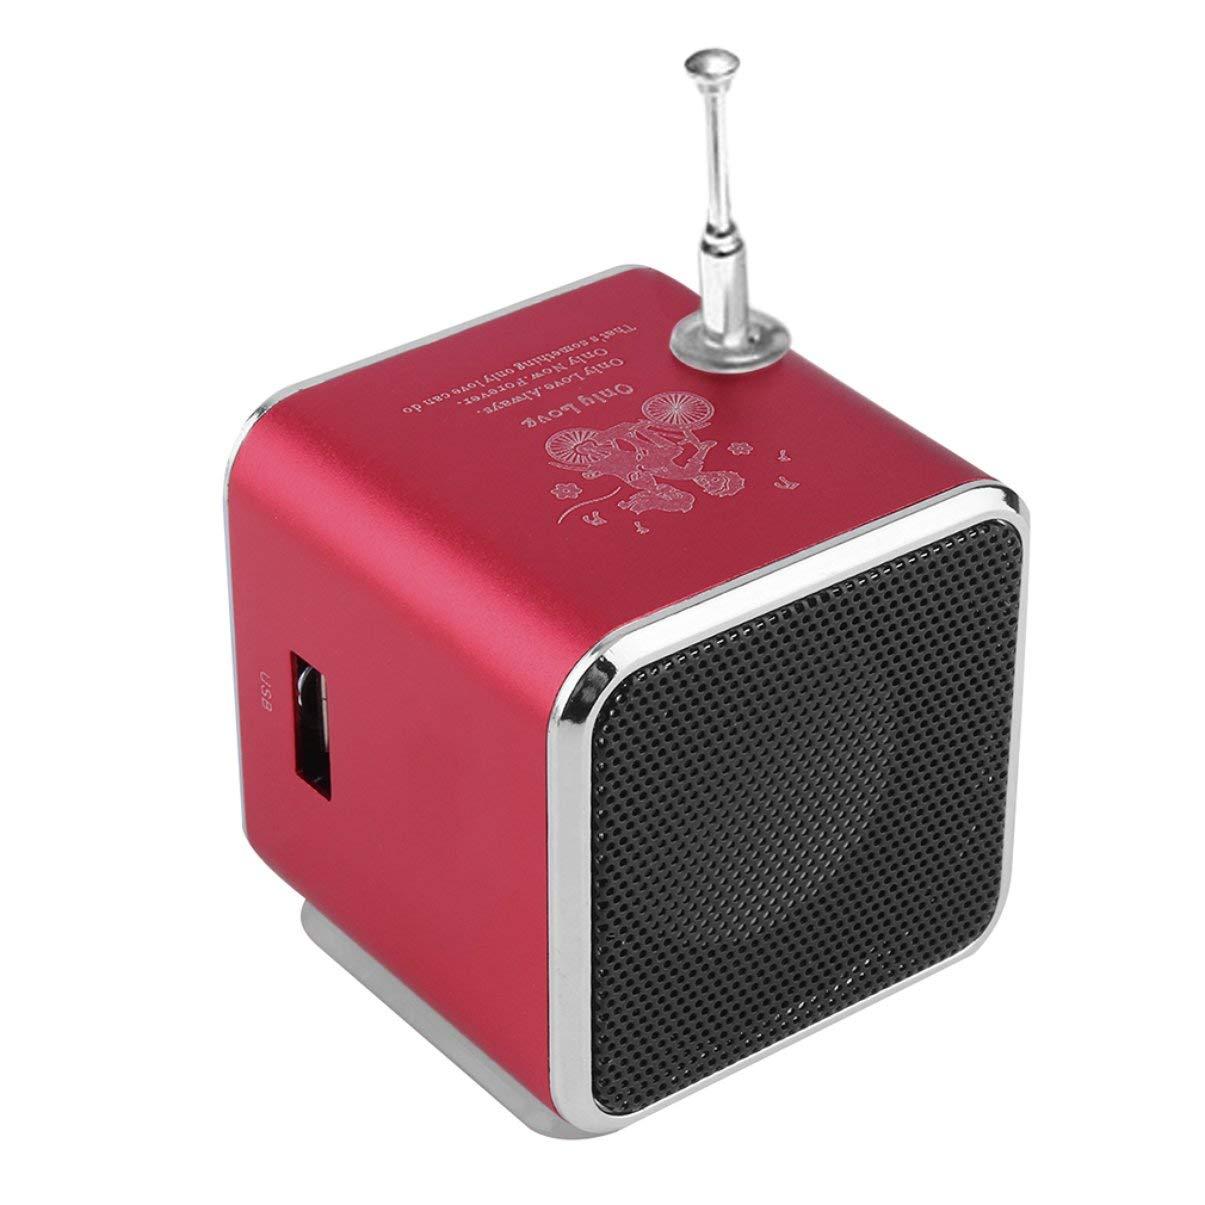 Altoparlante portatile Super Mini stereo mini USB in lega di alluminio Ubwoofer Musica MP3 4 Ricevitore radio FM rosso